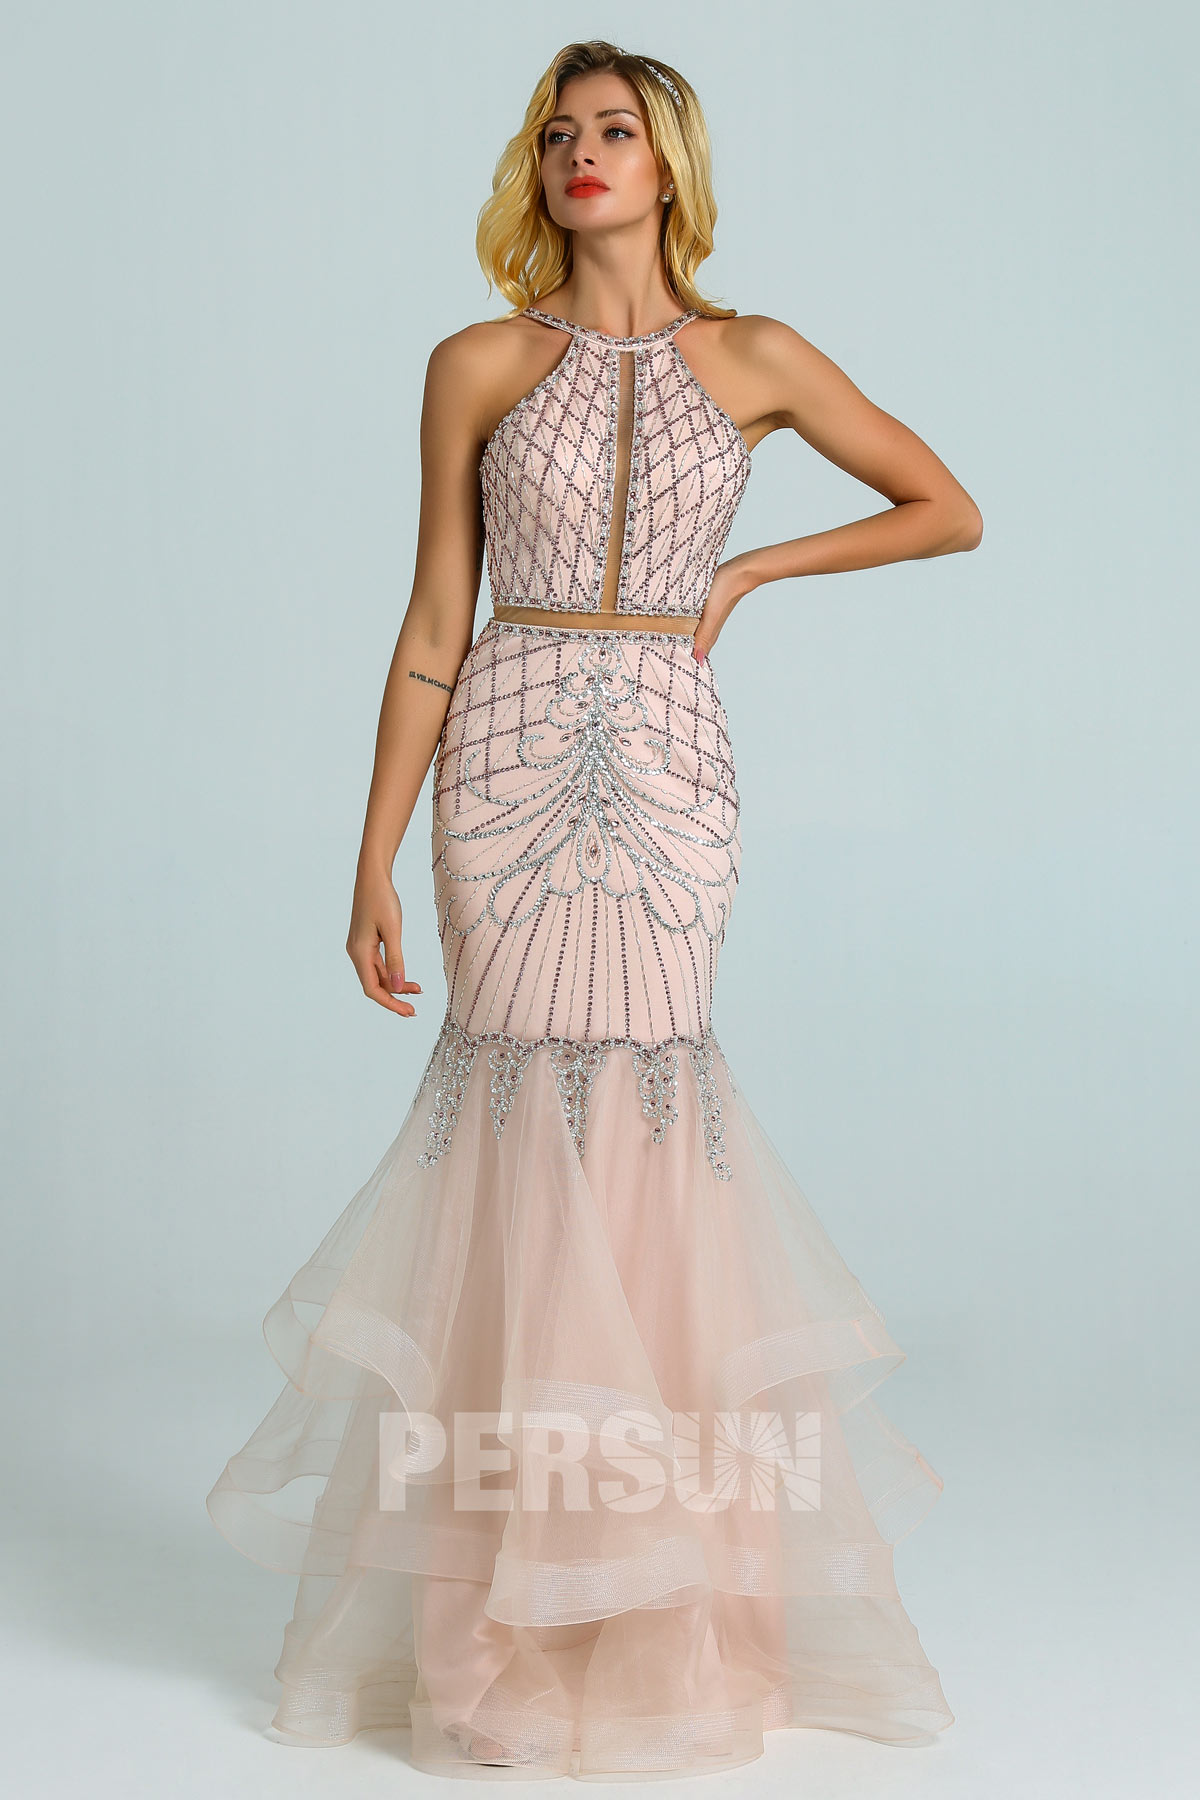 Robe de soirée rose pâle 2020 vintage à coupe sirène brodée jupe fantaisie